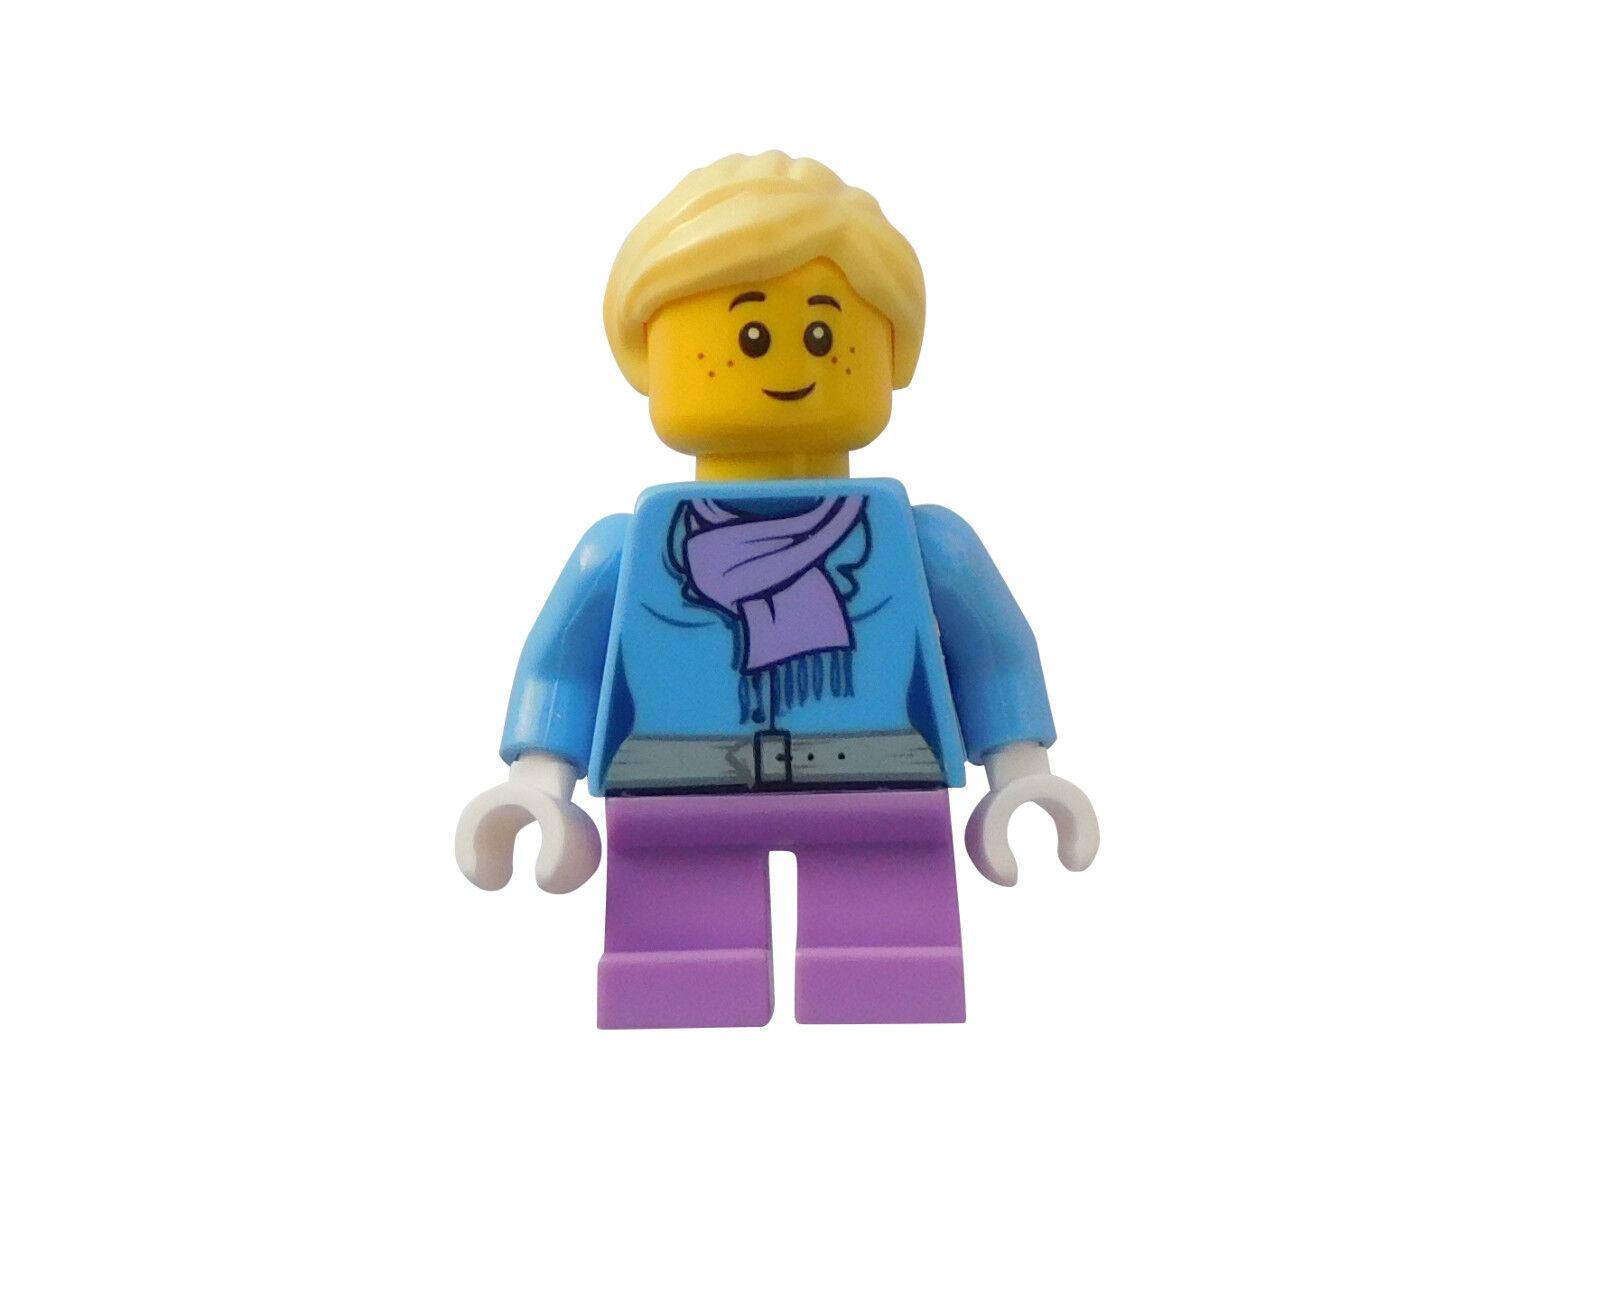 Lego Boy Winter short Legs in Dark Blue Ski Hat hol128 Mini Figurine